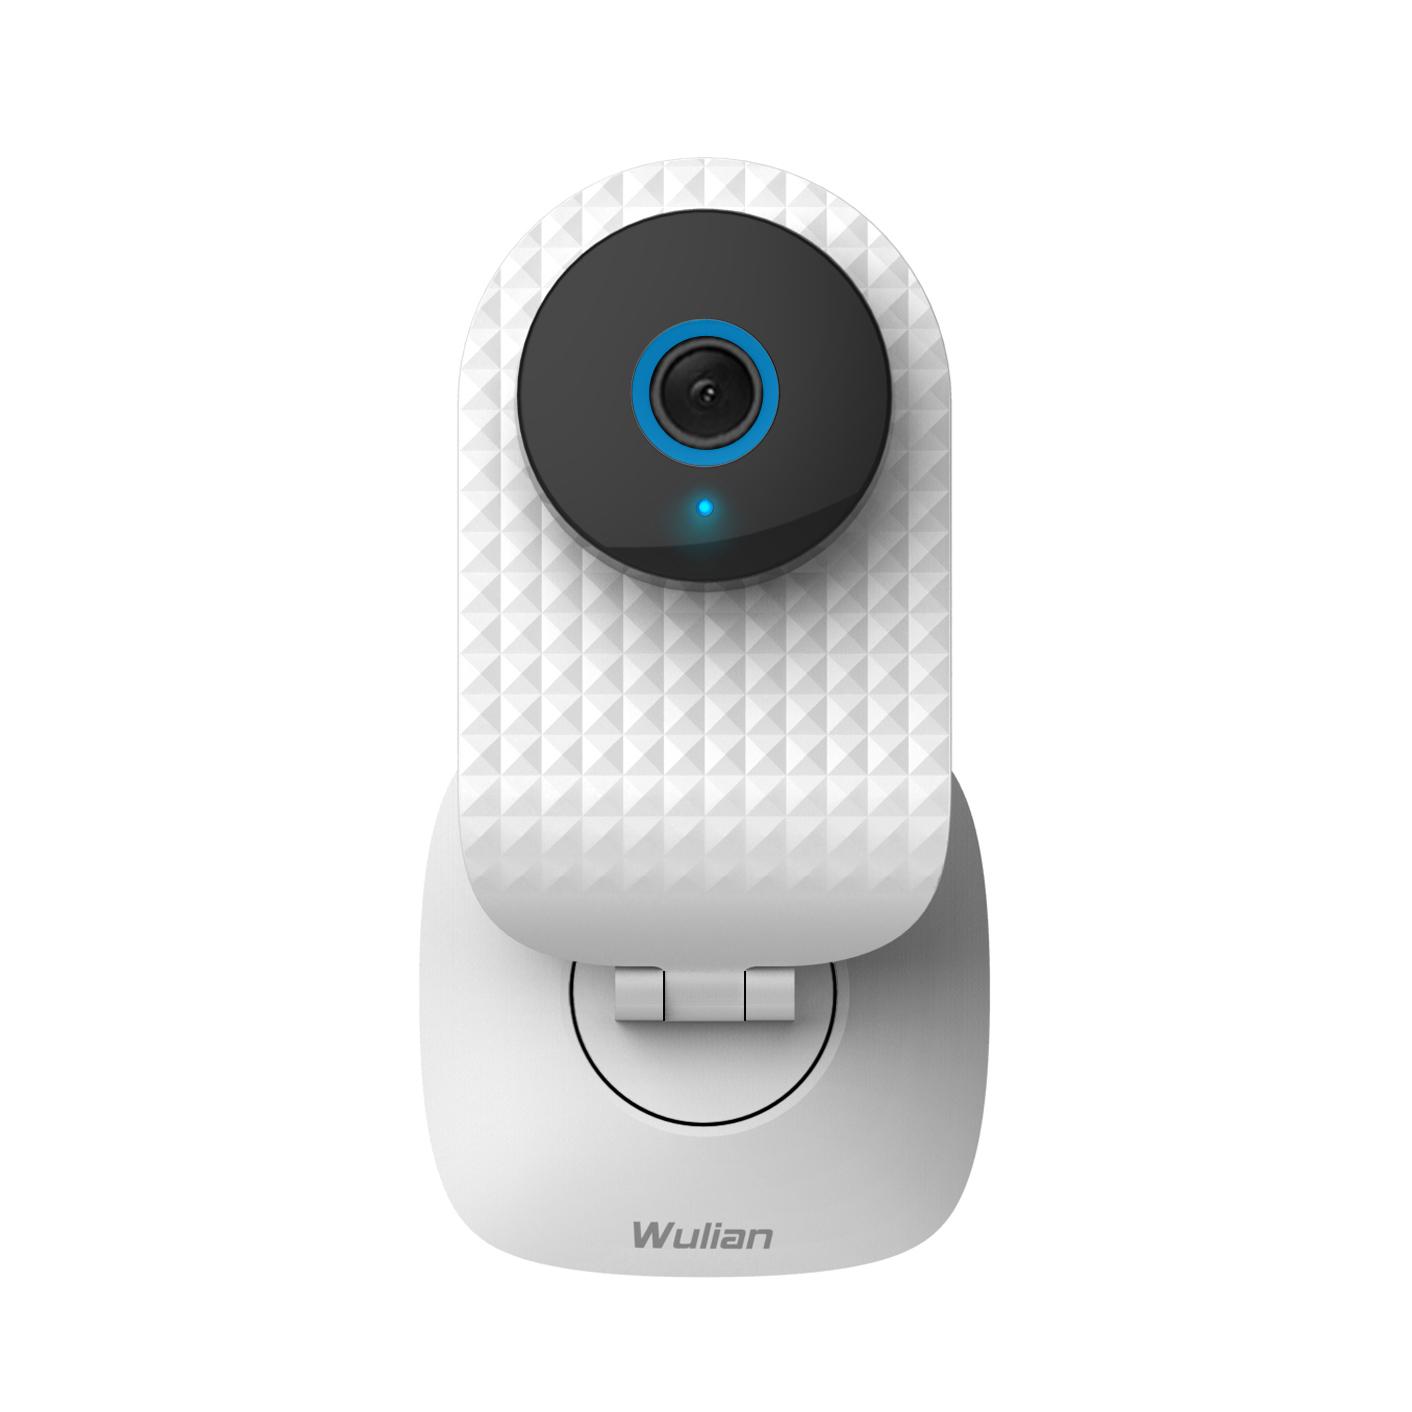 Wulian随便看高清摄像机-物联智能家居系统方案招商